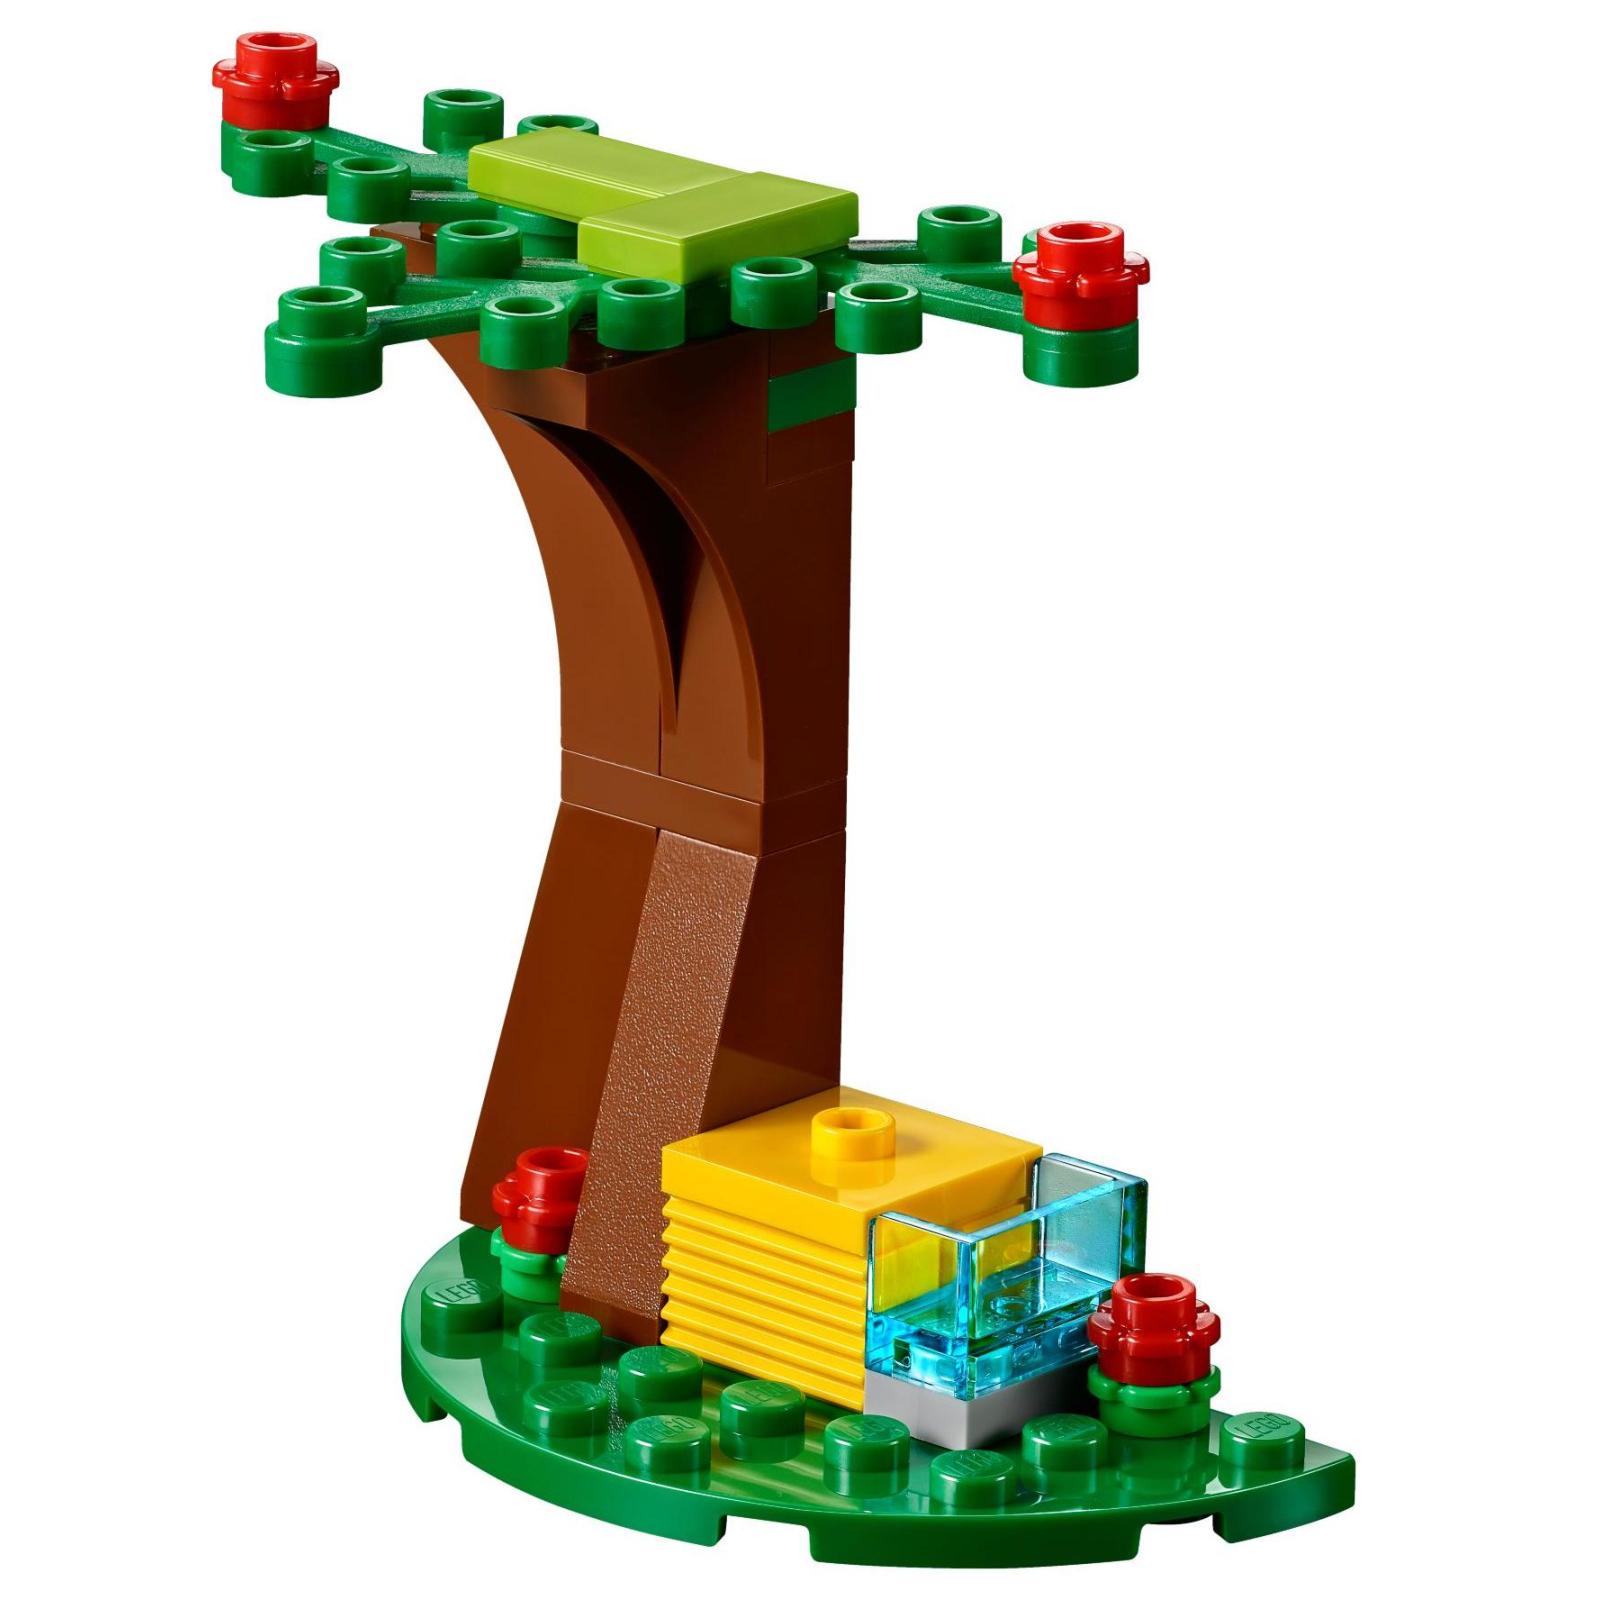 Конструктор LEGO Friends Дом на колесах Мии (41339) изображение 7